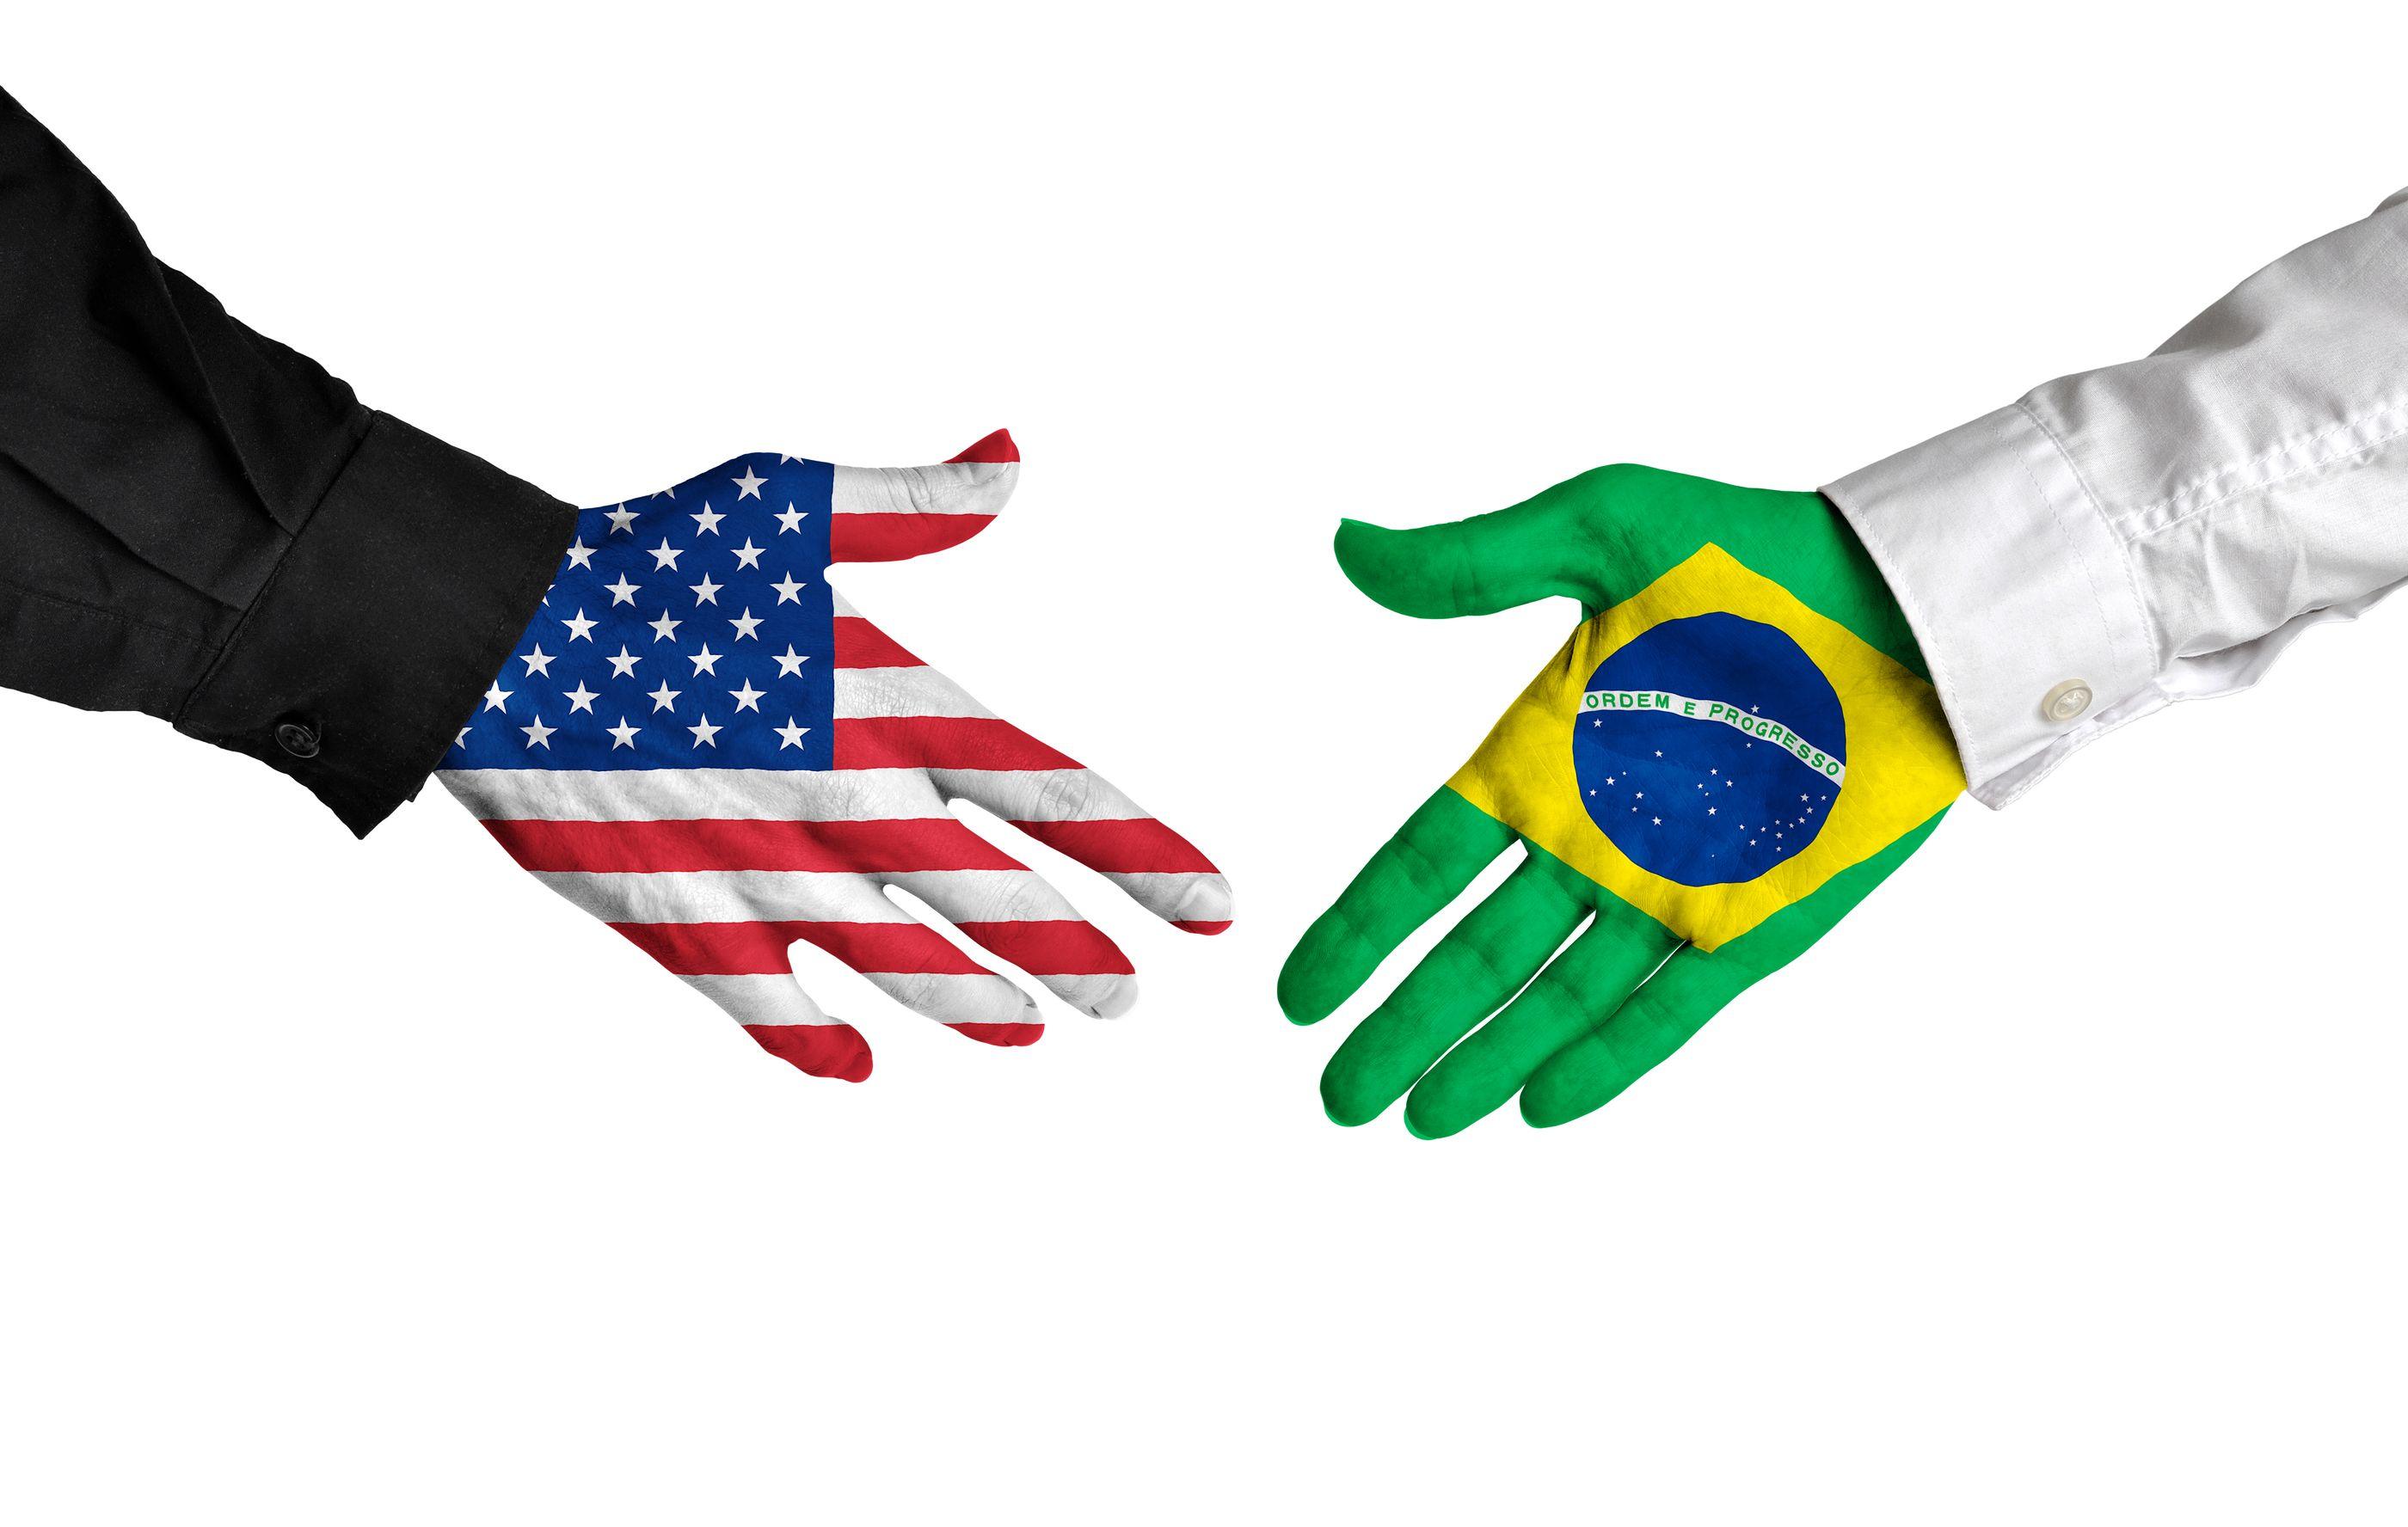 Fazer Artesanato Facil Para Vender ~ PROJETO PILOTO PPH (BRASIL x EUA) JÁ ESTÁ EM VIGOR S Inova